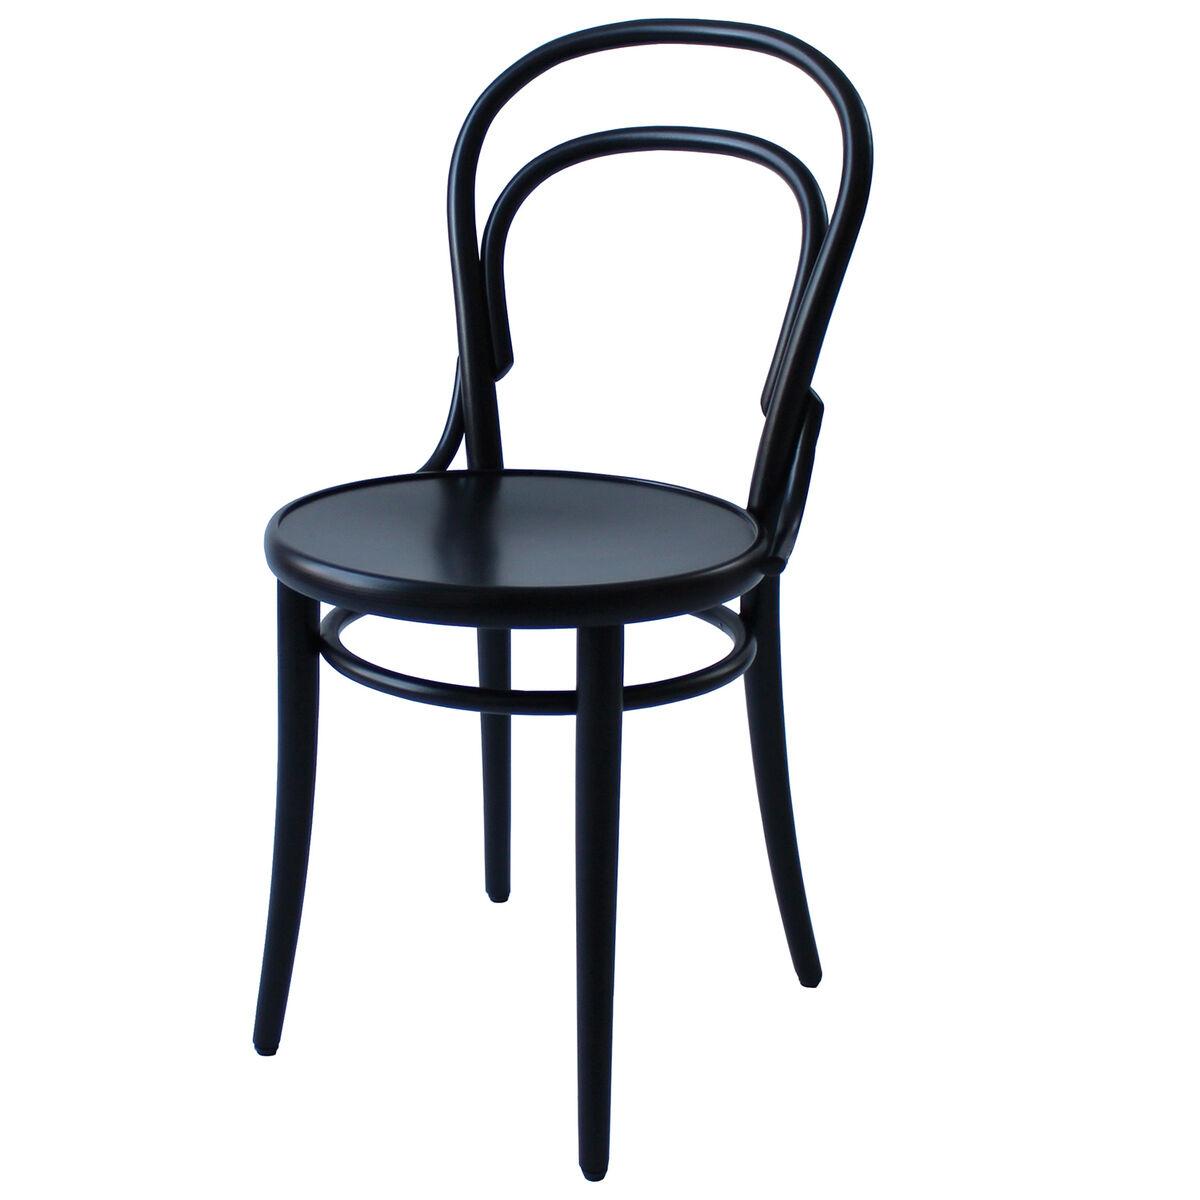 TON Chair 14 tuoli, musta